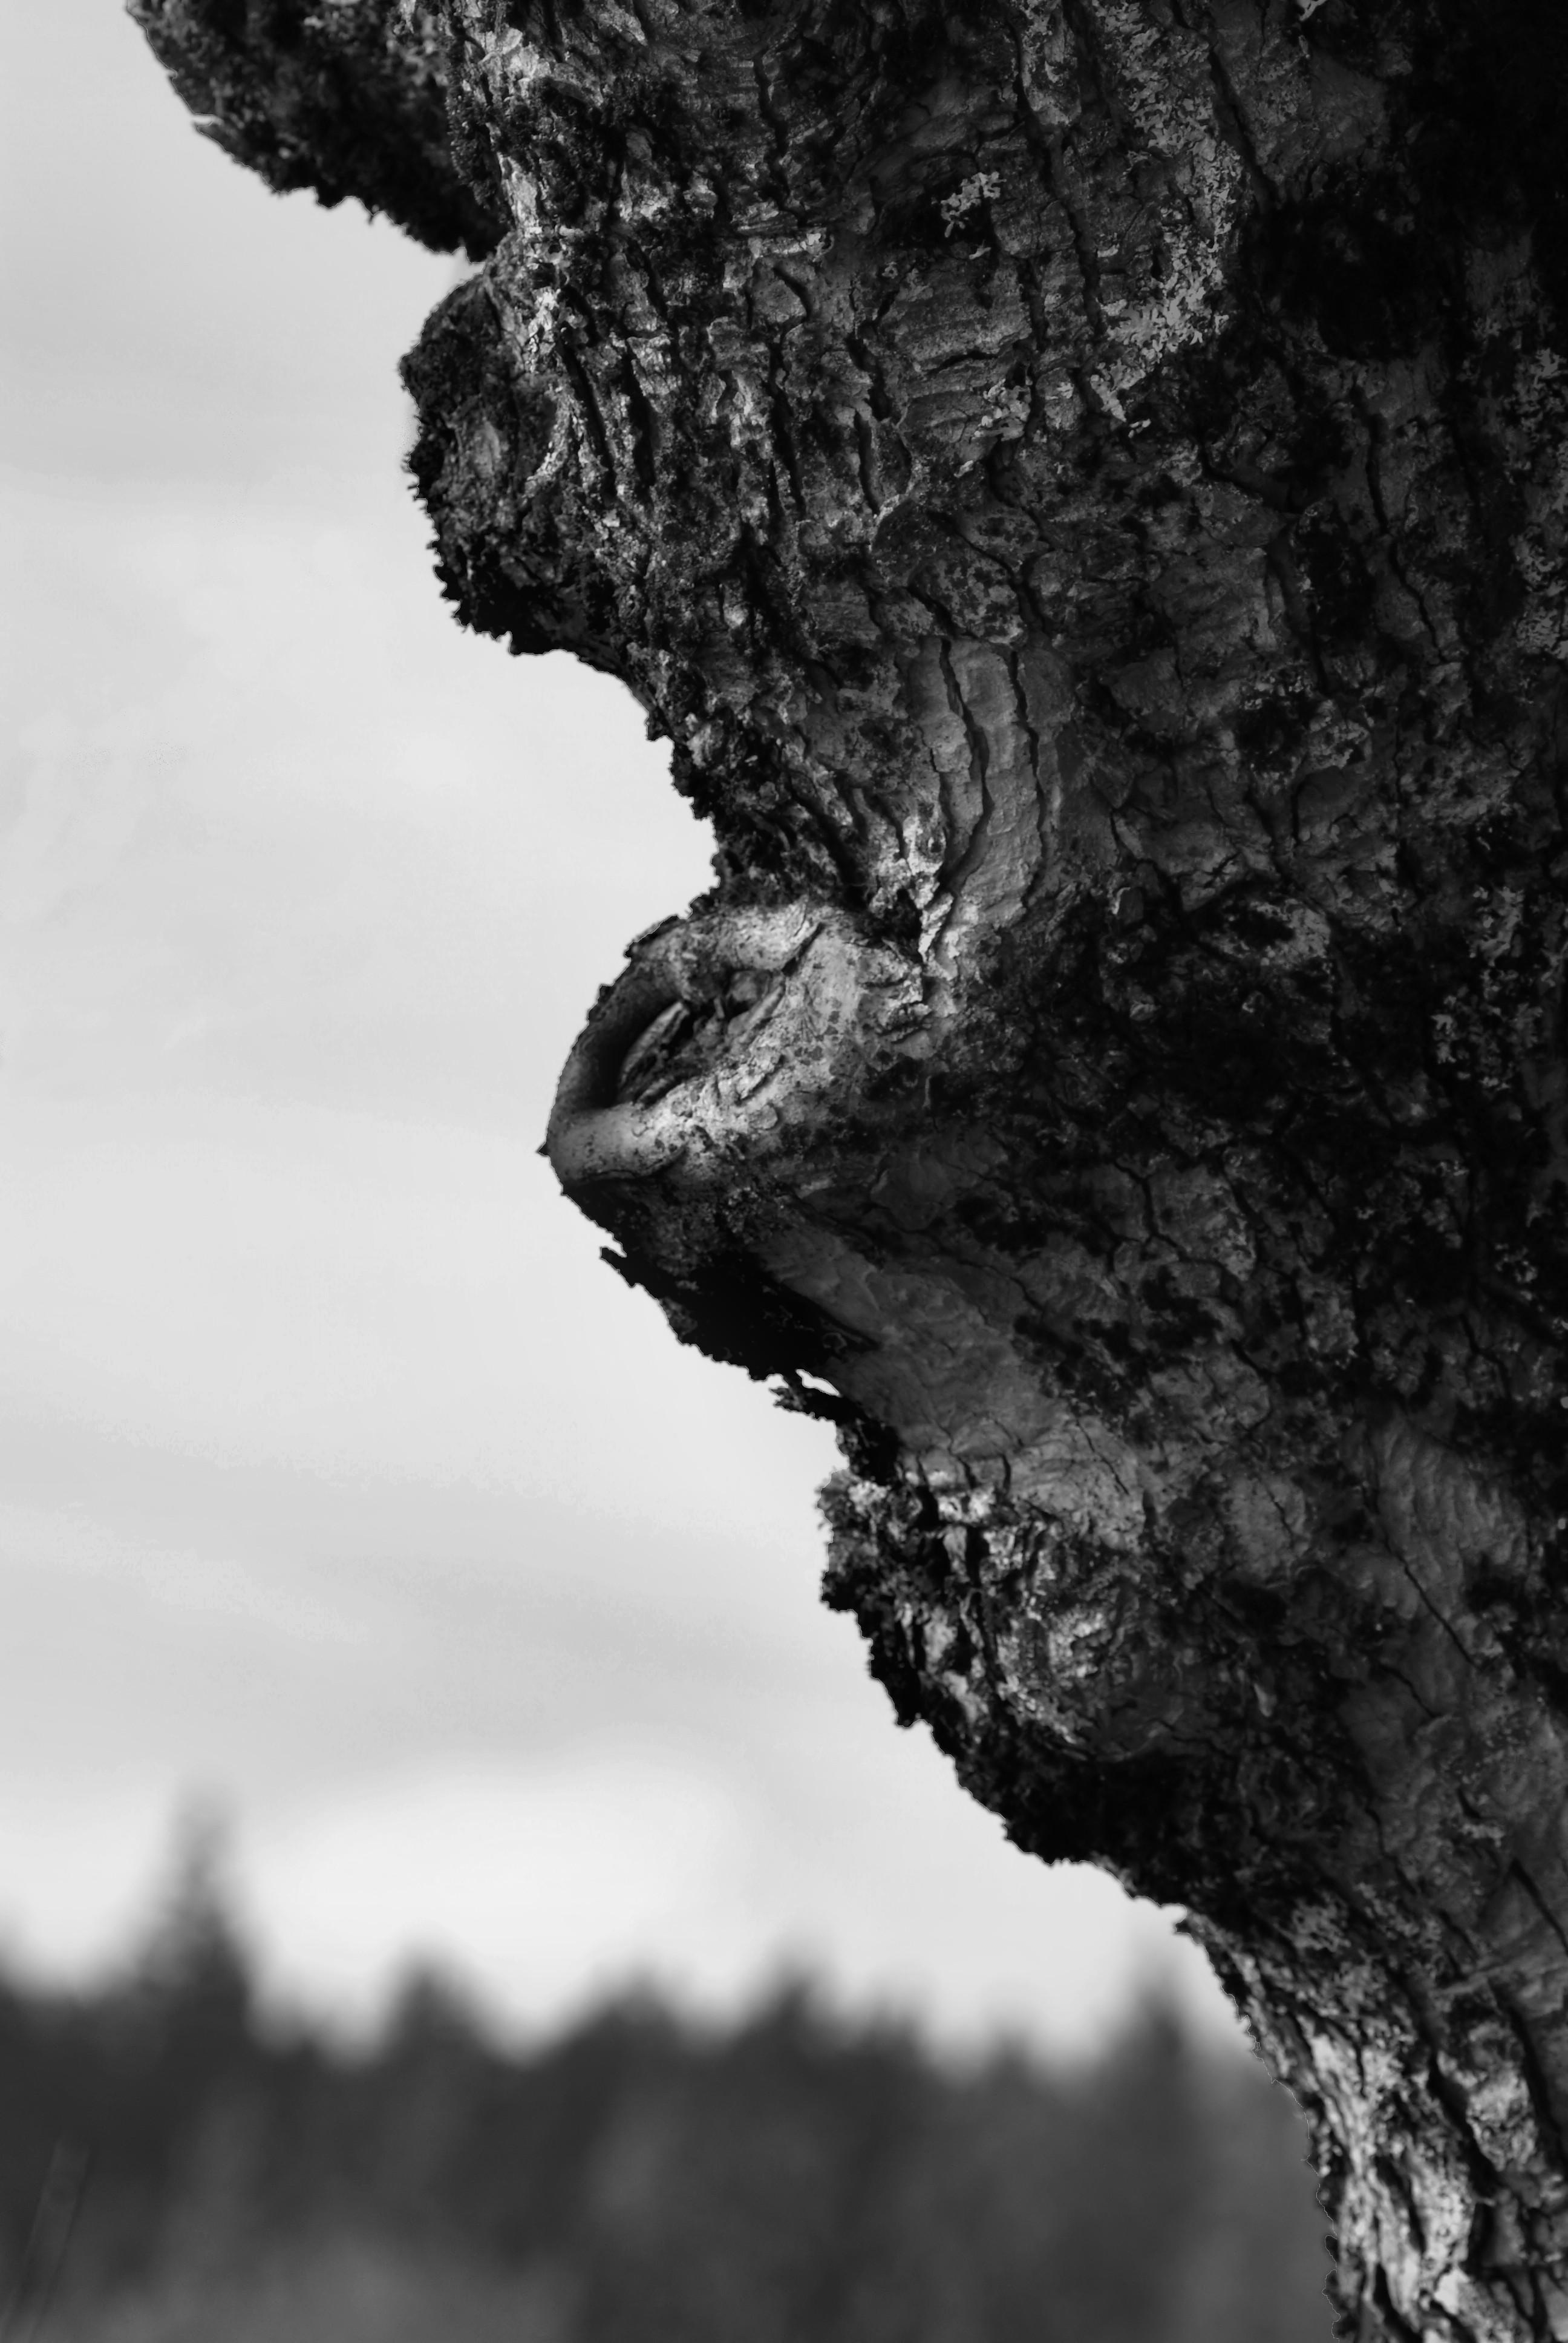 Věk stromu 1